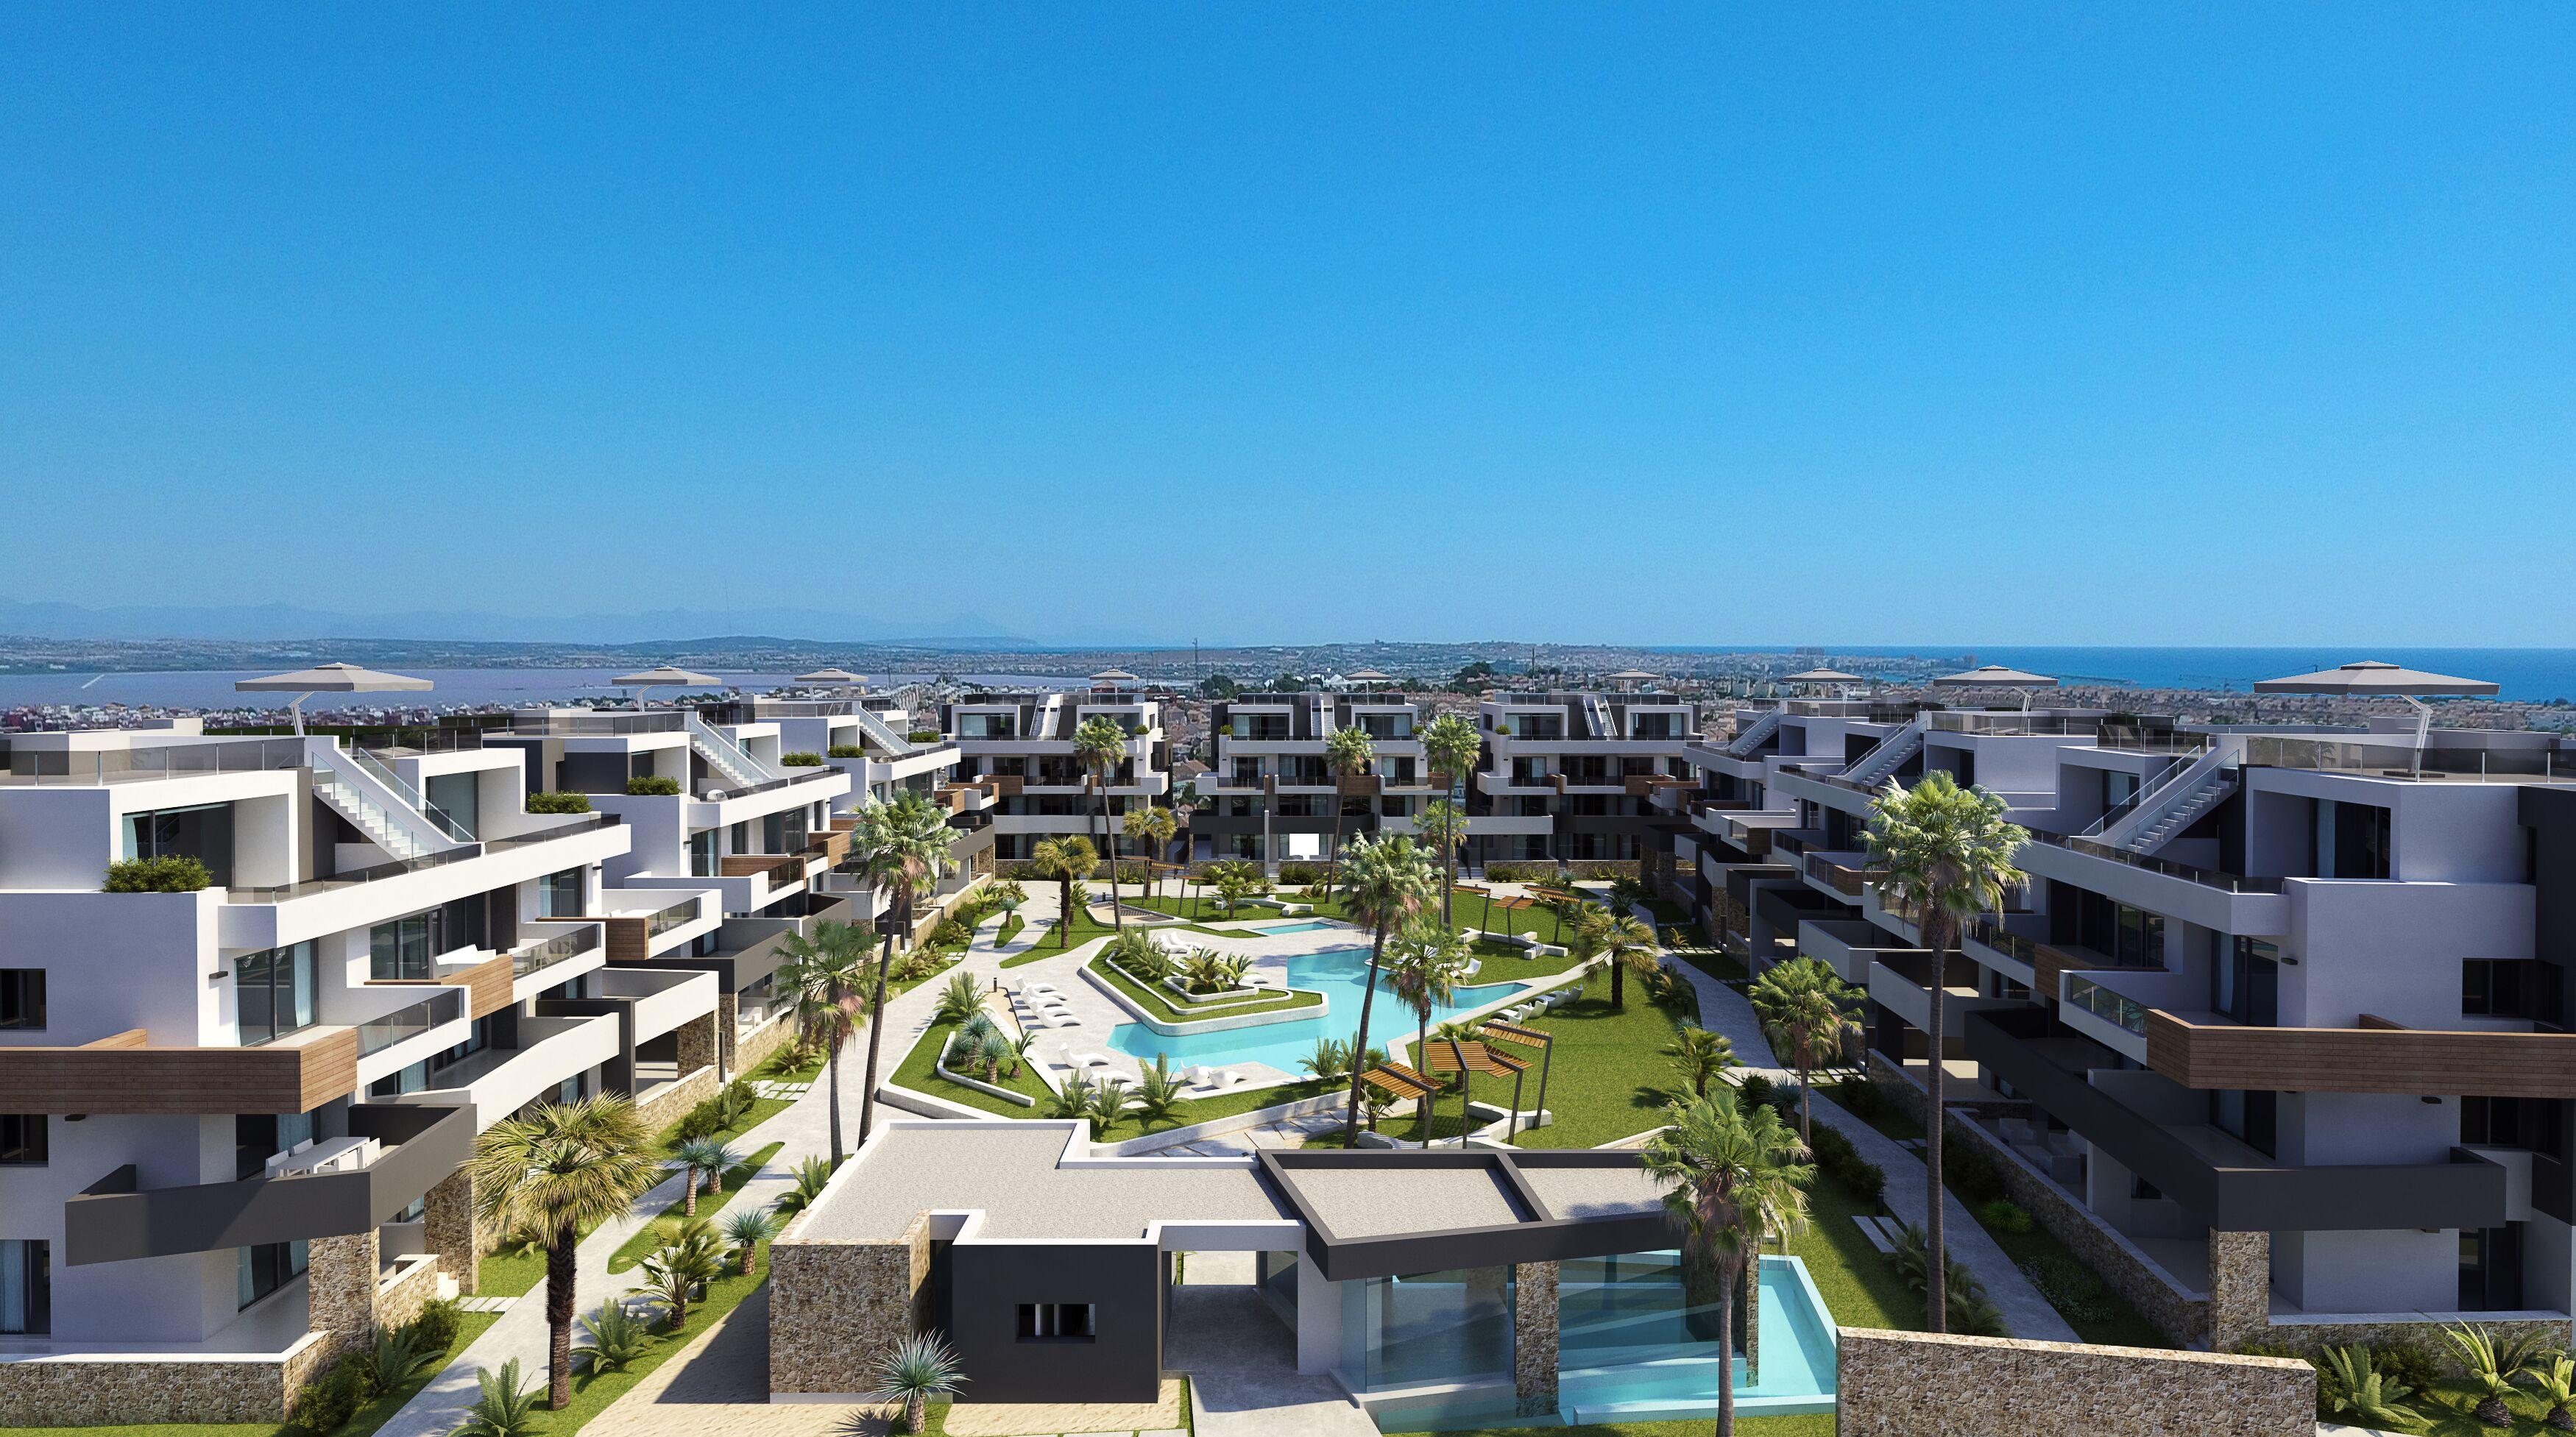 Goede verhuur appartementen in Orihuela Costa inclusief meubels enz.